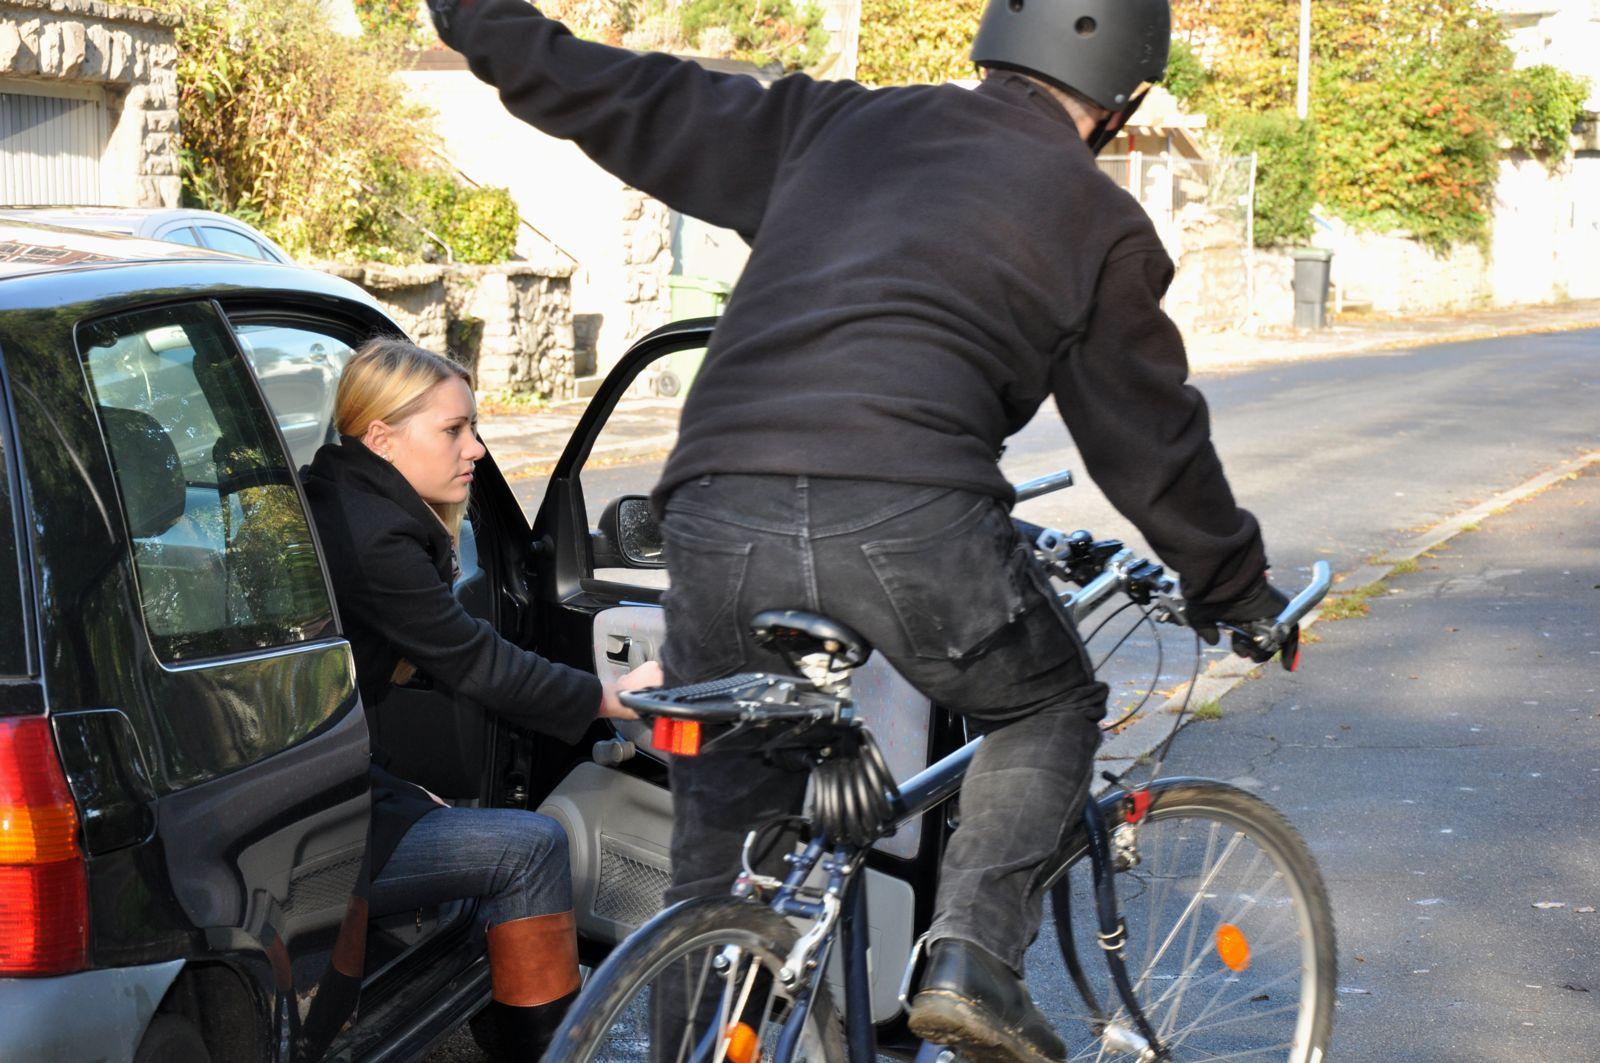 Bicycle Dooring Accident